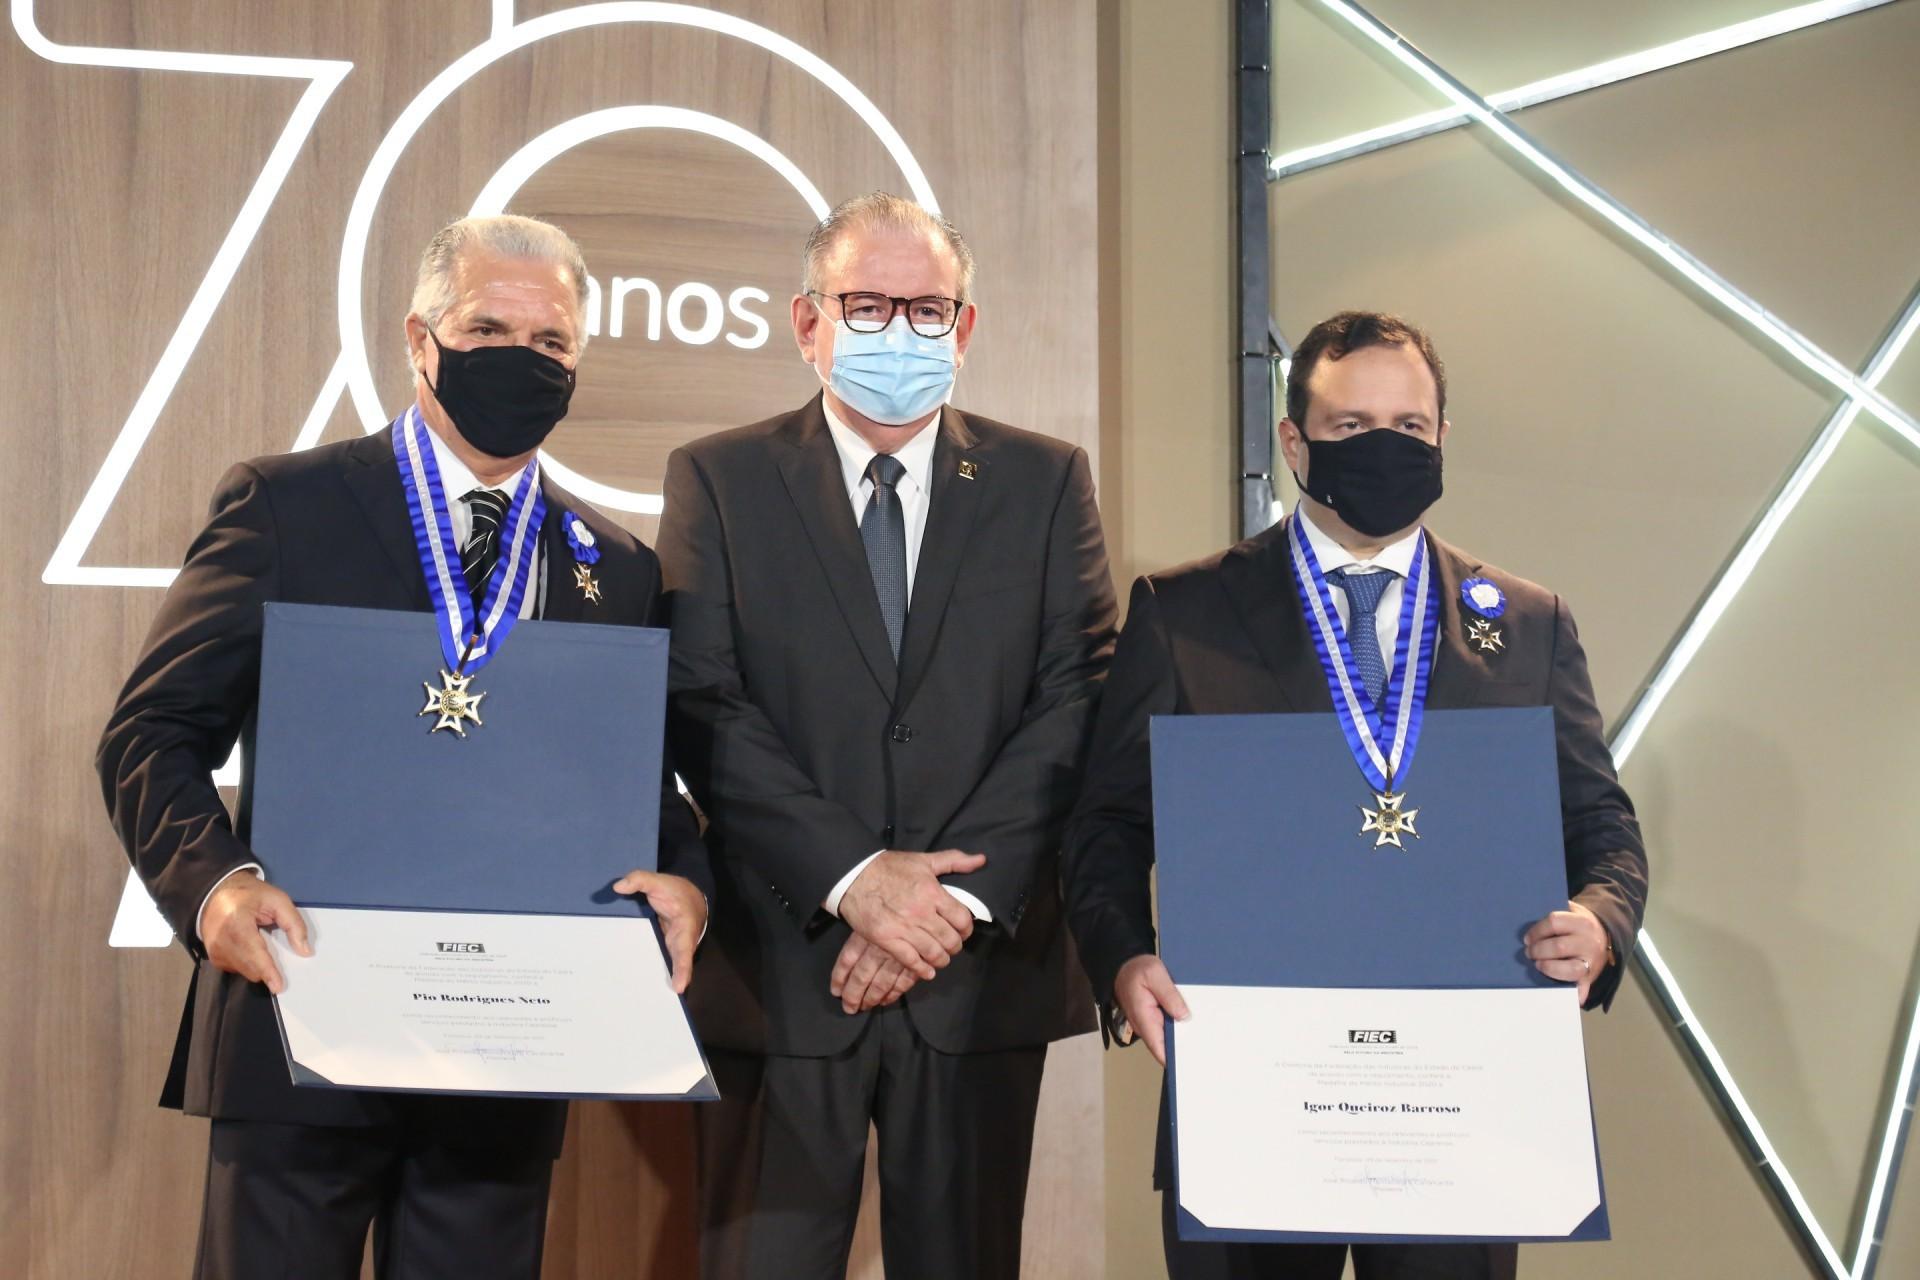 Pio Rodrigues Neto, Ricardo Cavalcante e Igor Queiroz Barroso (Foto: JOAO FILHO TAVARES)